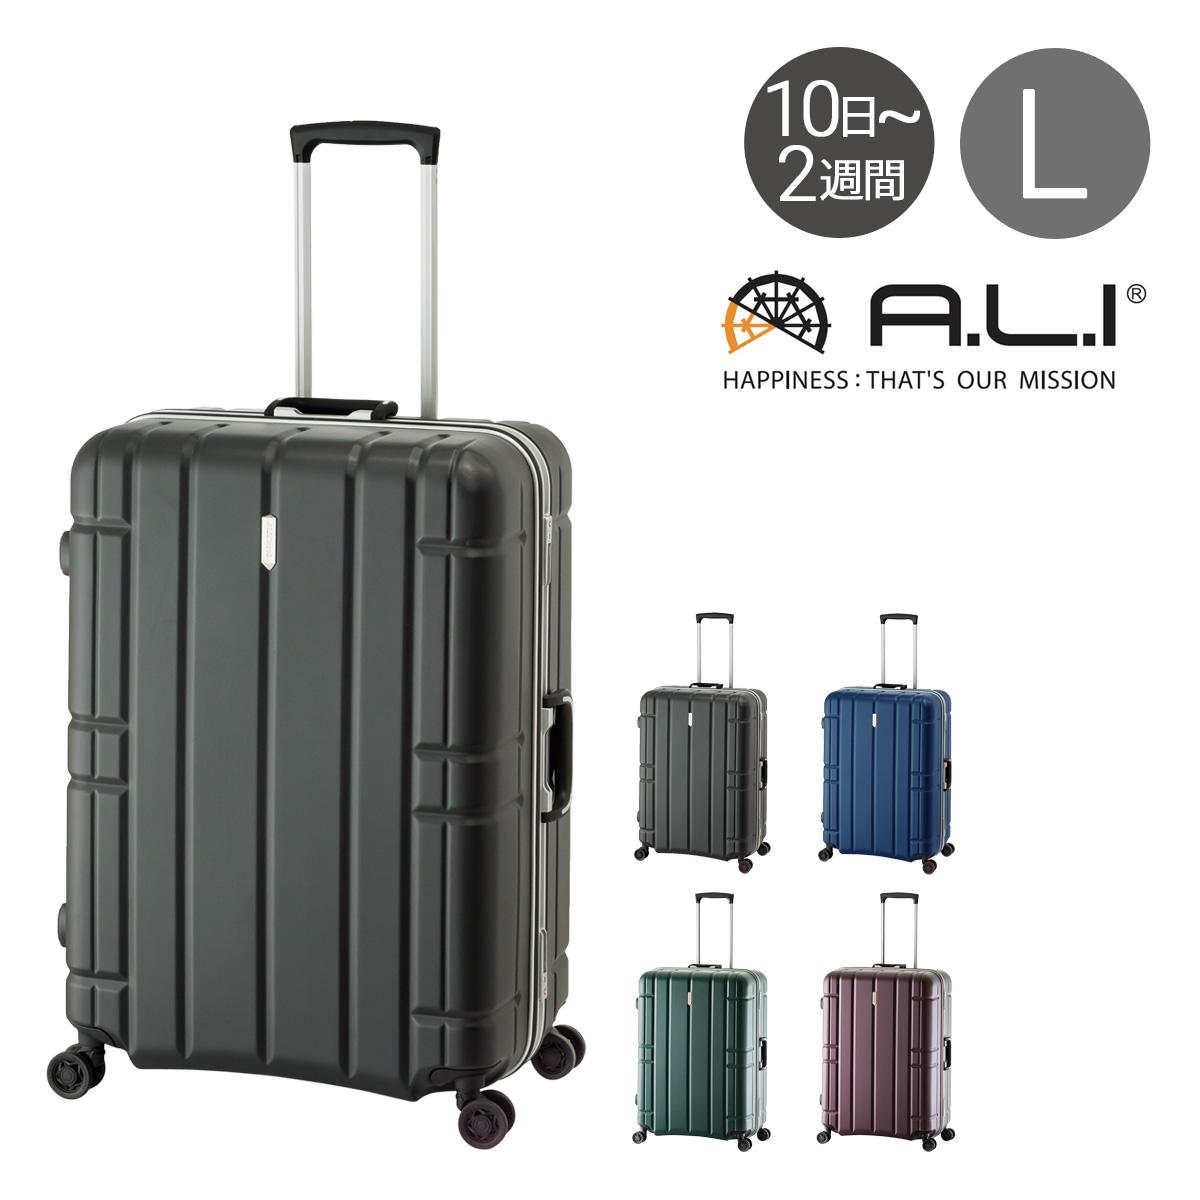 アジアラゲージ スーツケース|100L 67.5cm 4.9kg MF-5017|ハード フレーム|A.L.I AliMax|TSAロック搭載 キャリーバッグ キャリーケース[PO10][bef]